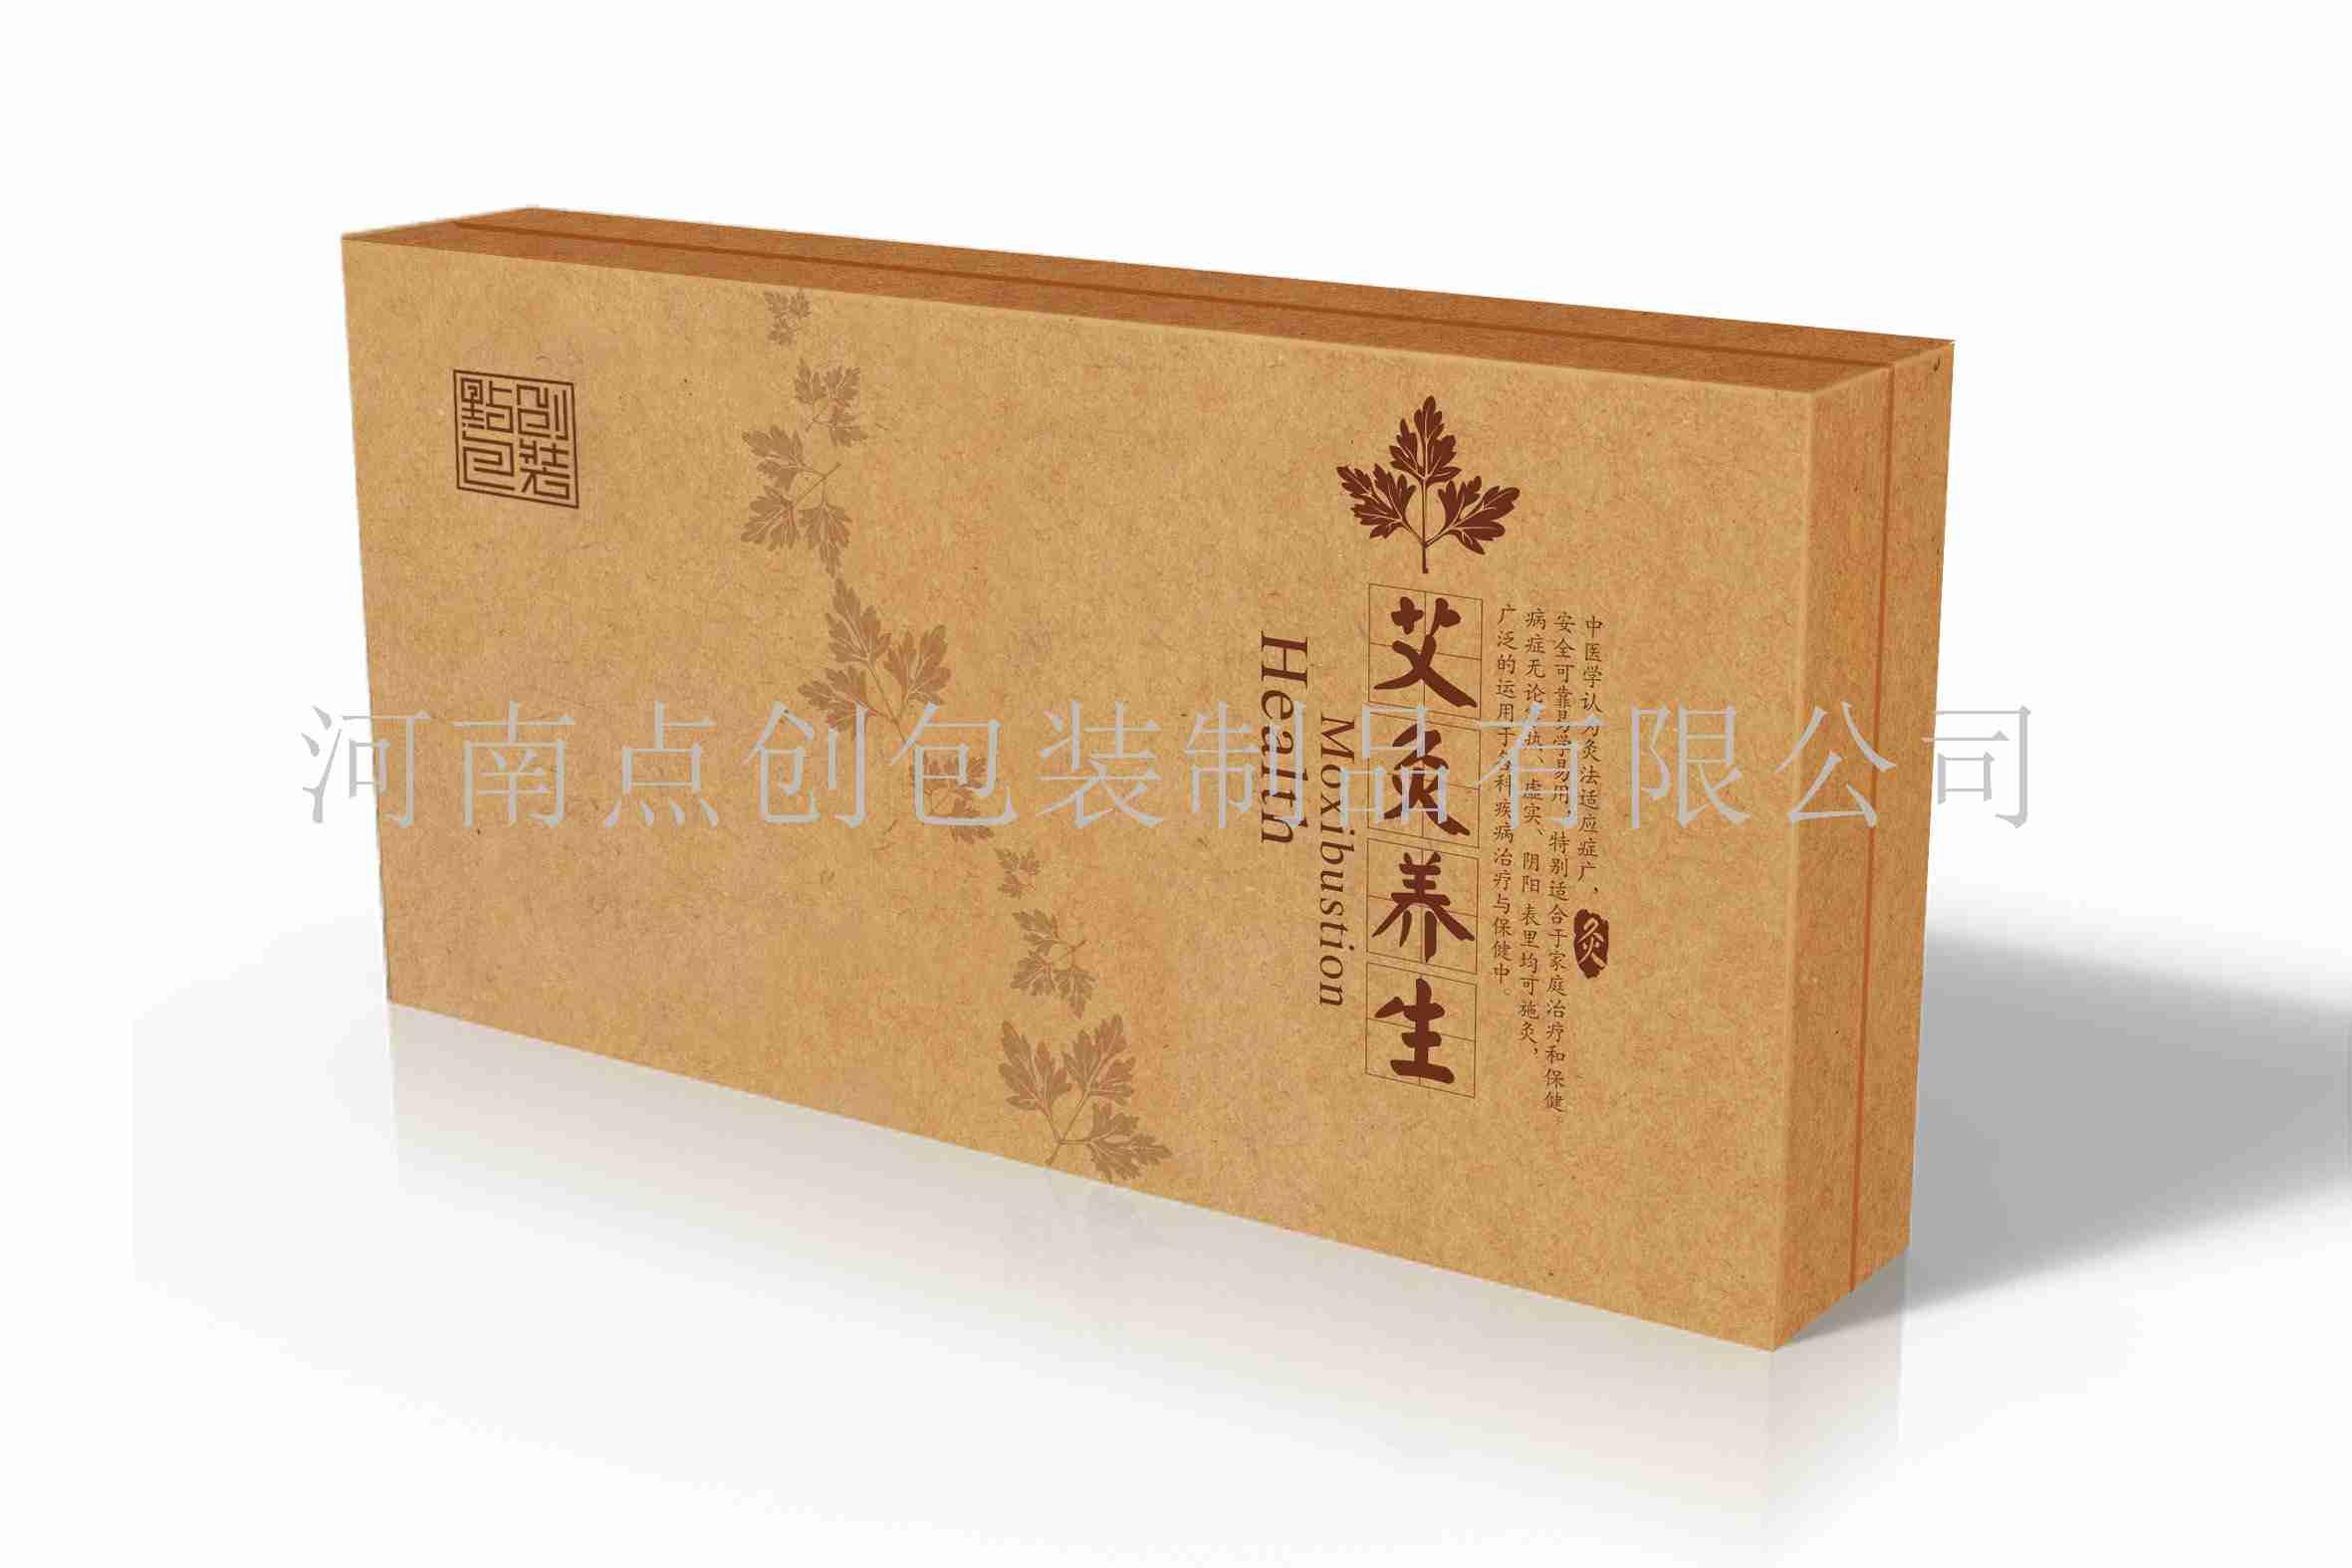 【图】眼霜盒子的作用有哪些 美容护肤套盒的设计简洁